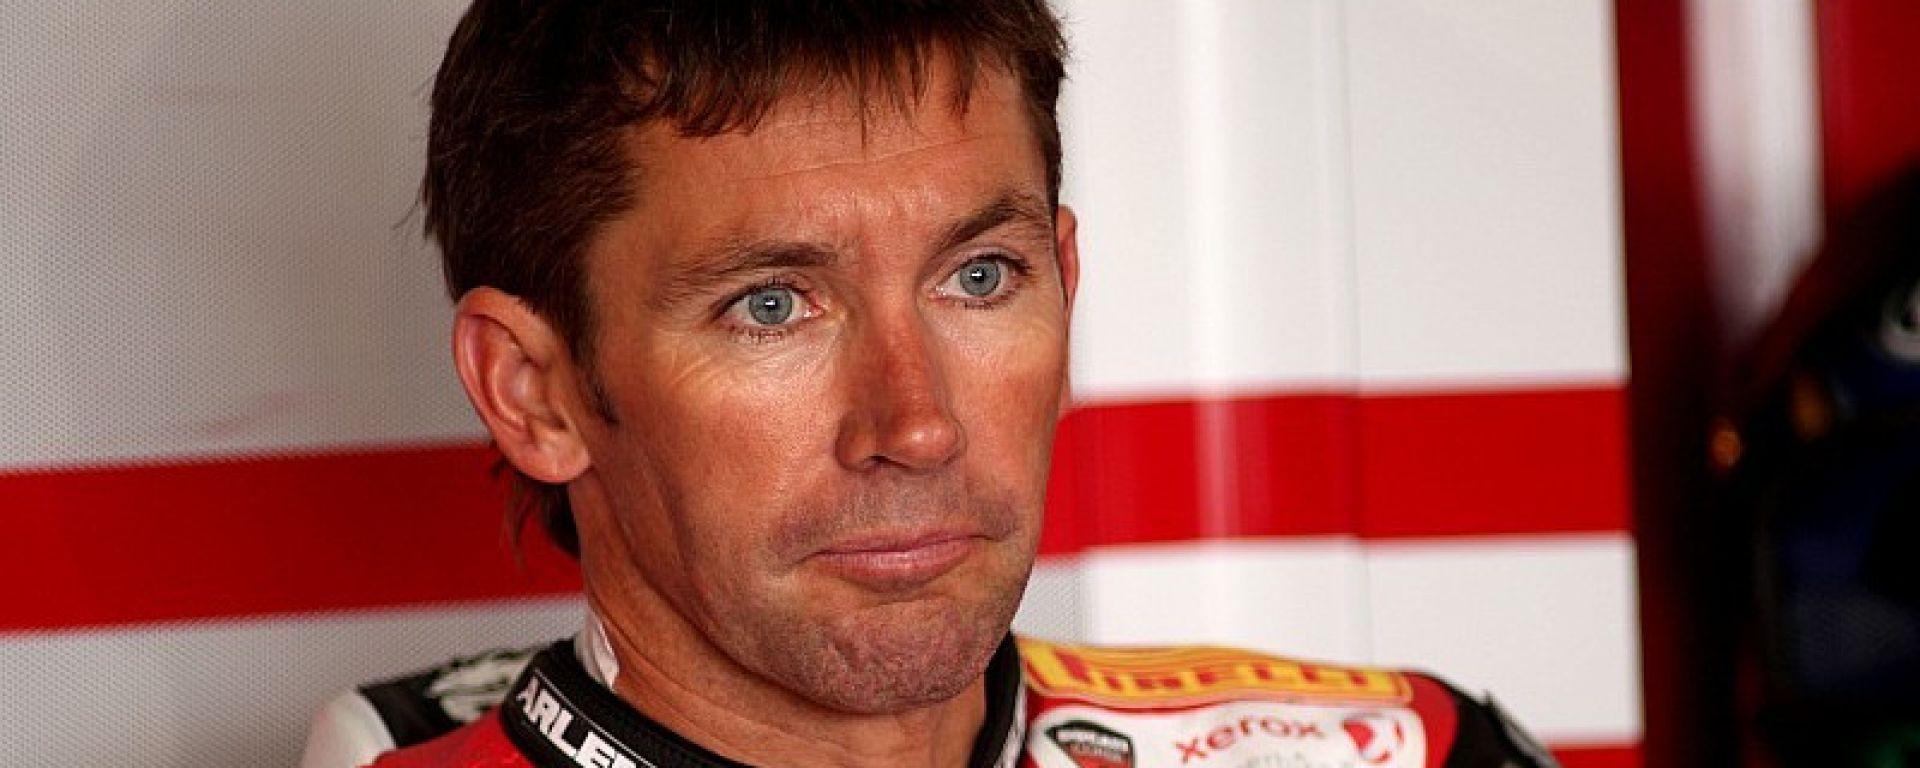 Ducati: la Panigale V4R di Bayliss è stata rubata. La reazione del Campione